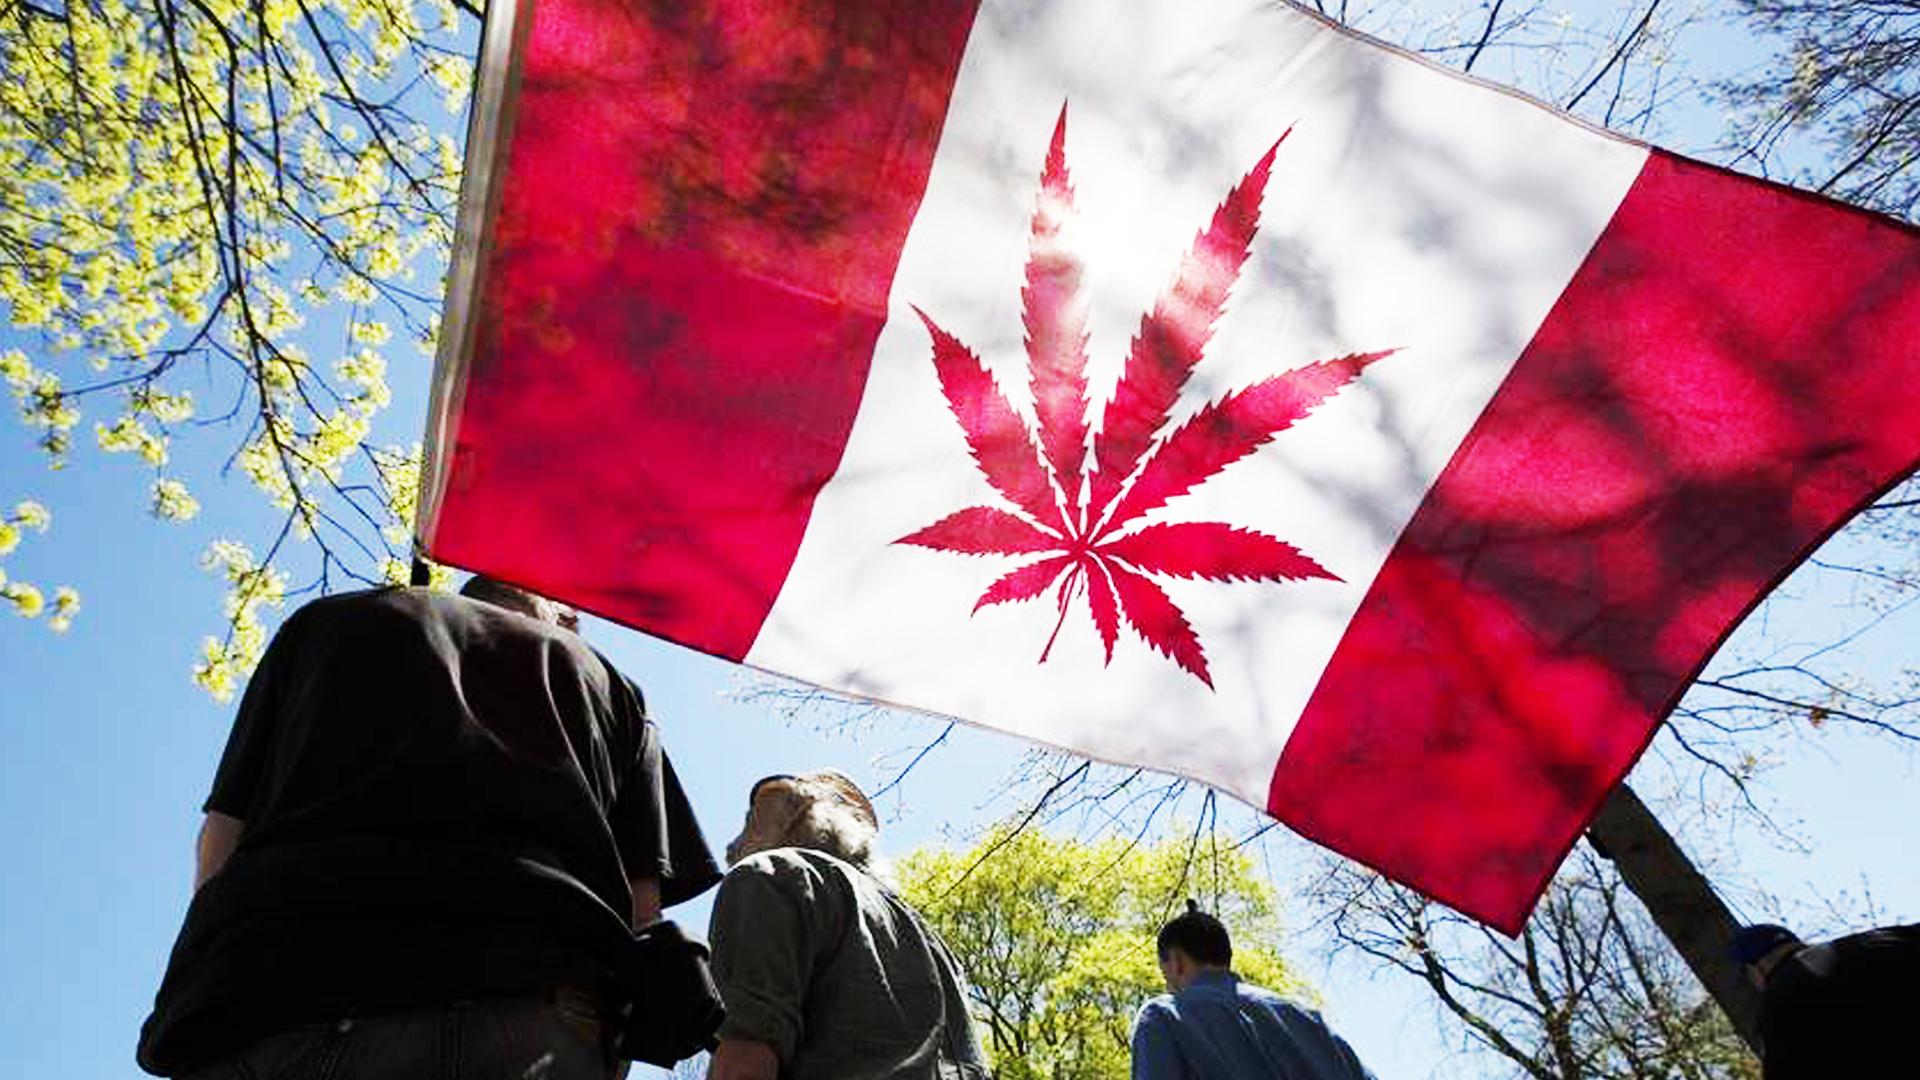 La marihuana será legal en Canadá el 1 de julio de 2018